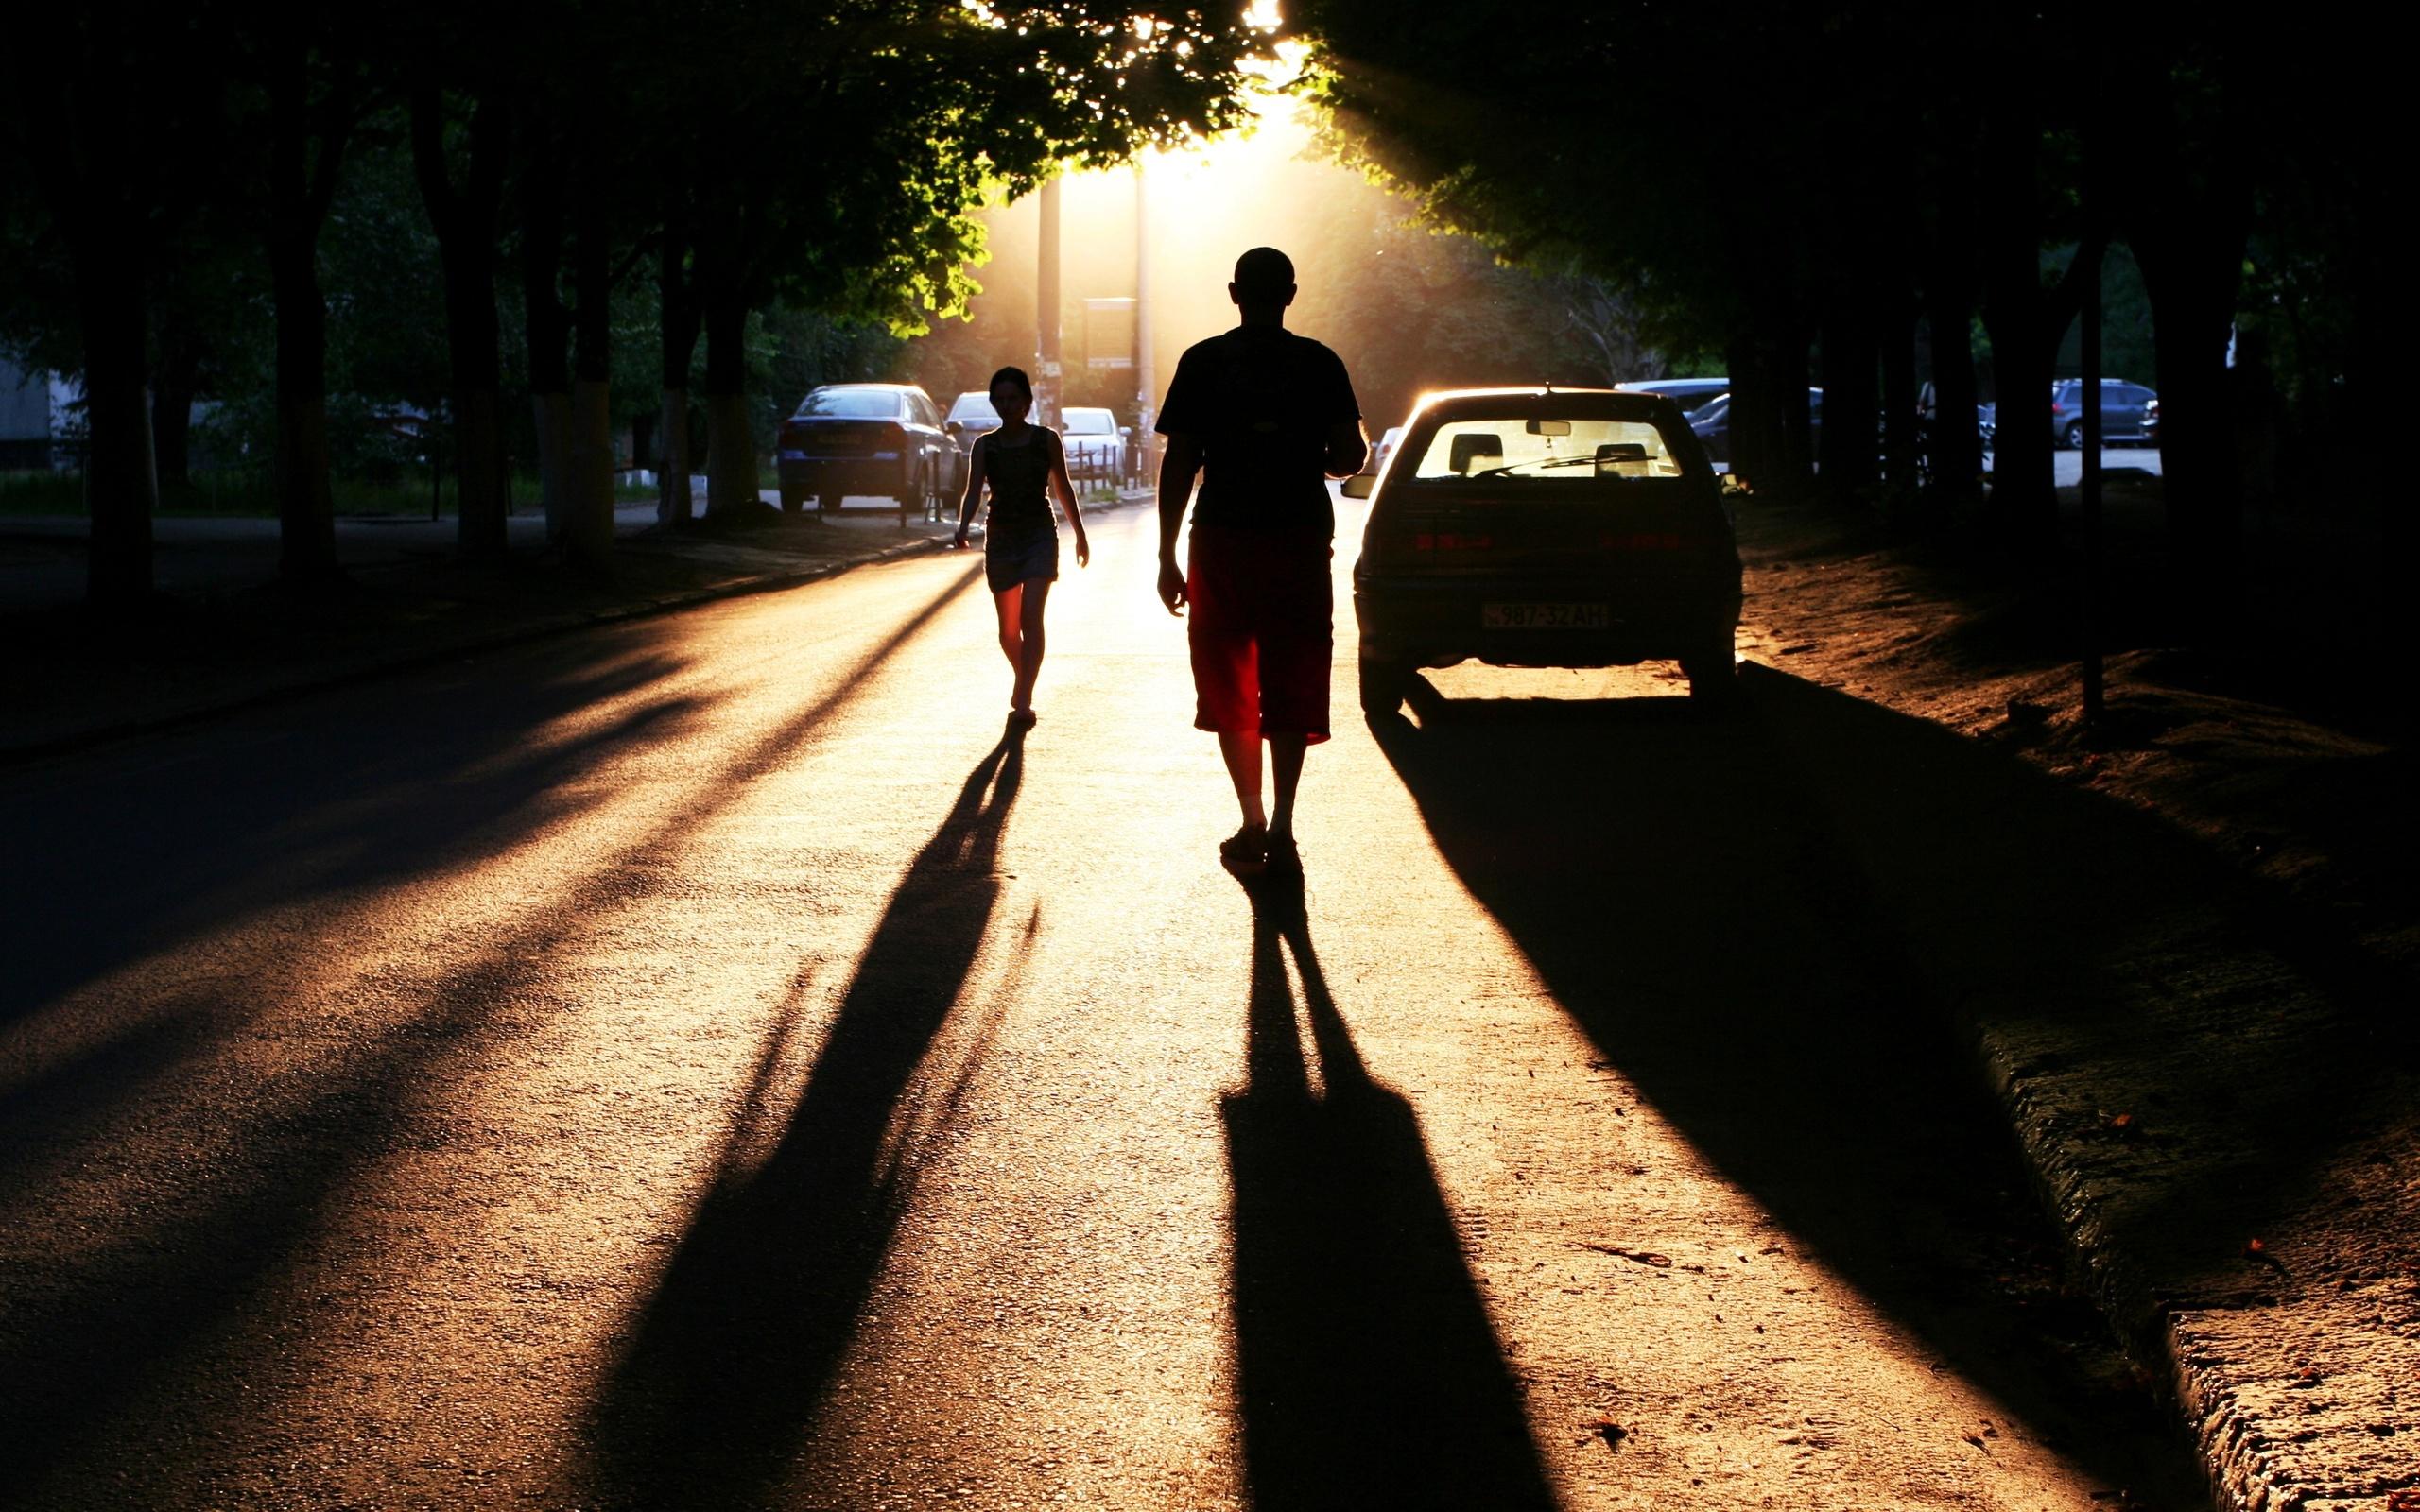 картинки человека идущего по городу виньетирование